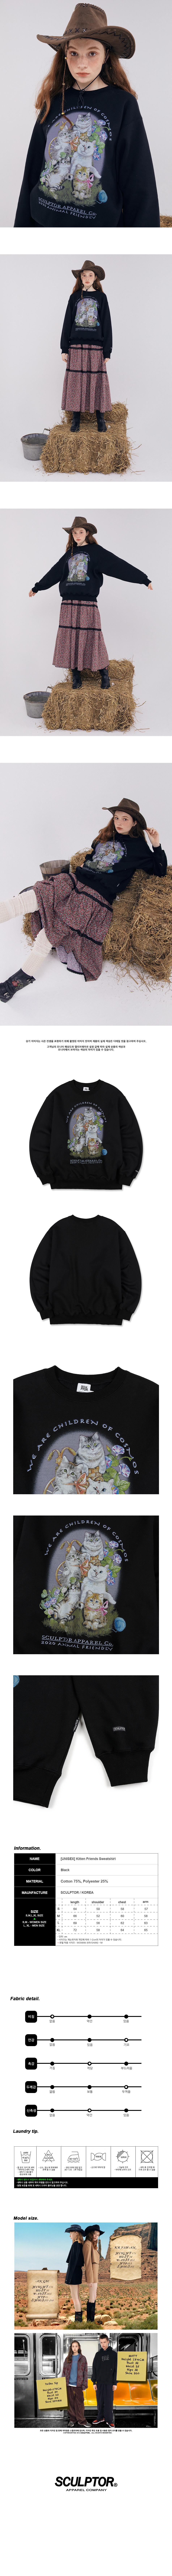 스컬프터(SCULPTOR) [UNISEX] Kitten Friends Sweatshirt [BLACK]